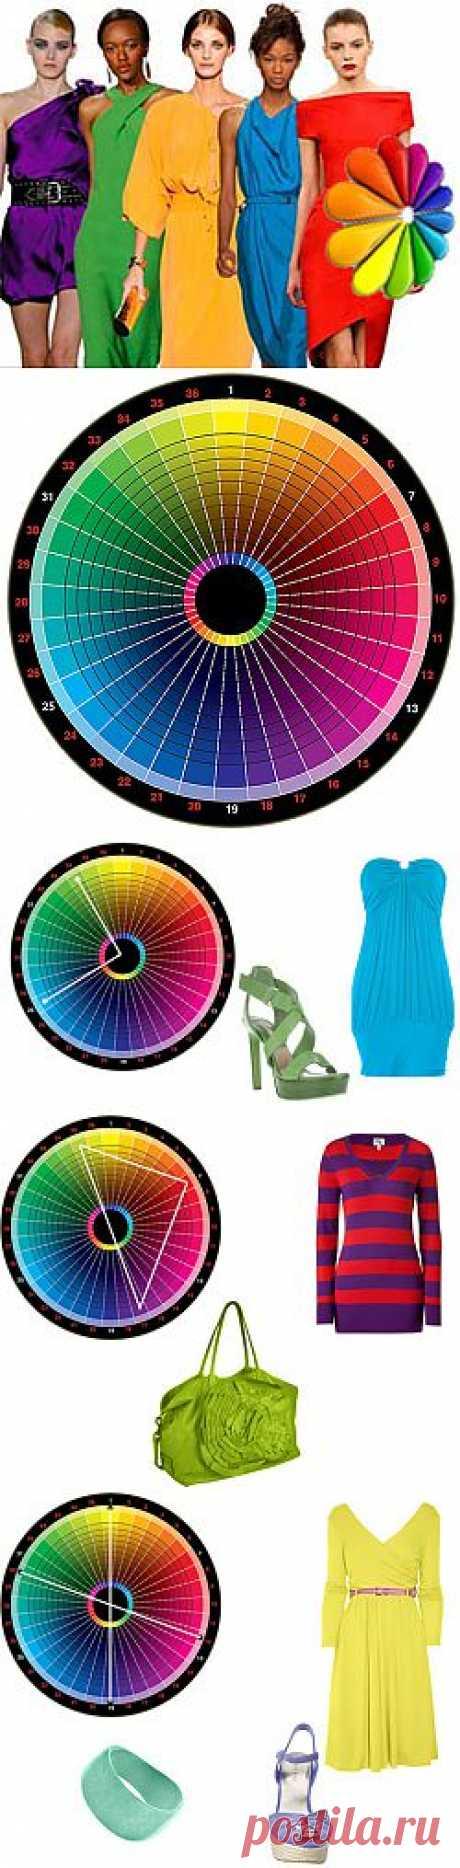 Сочетание цветов в одежде по цветовому кругу